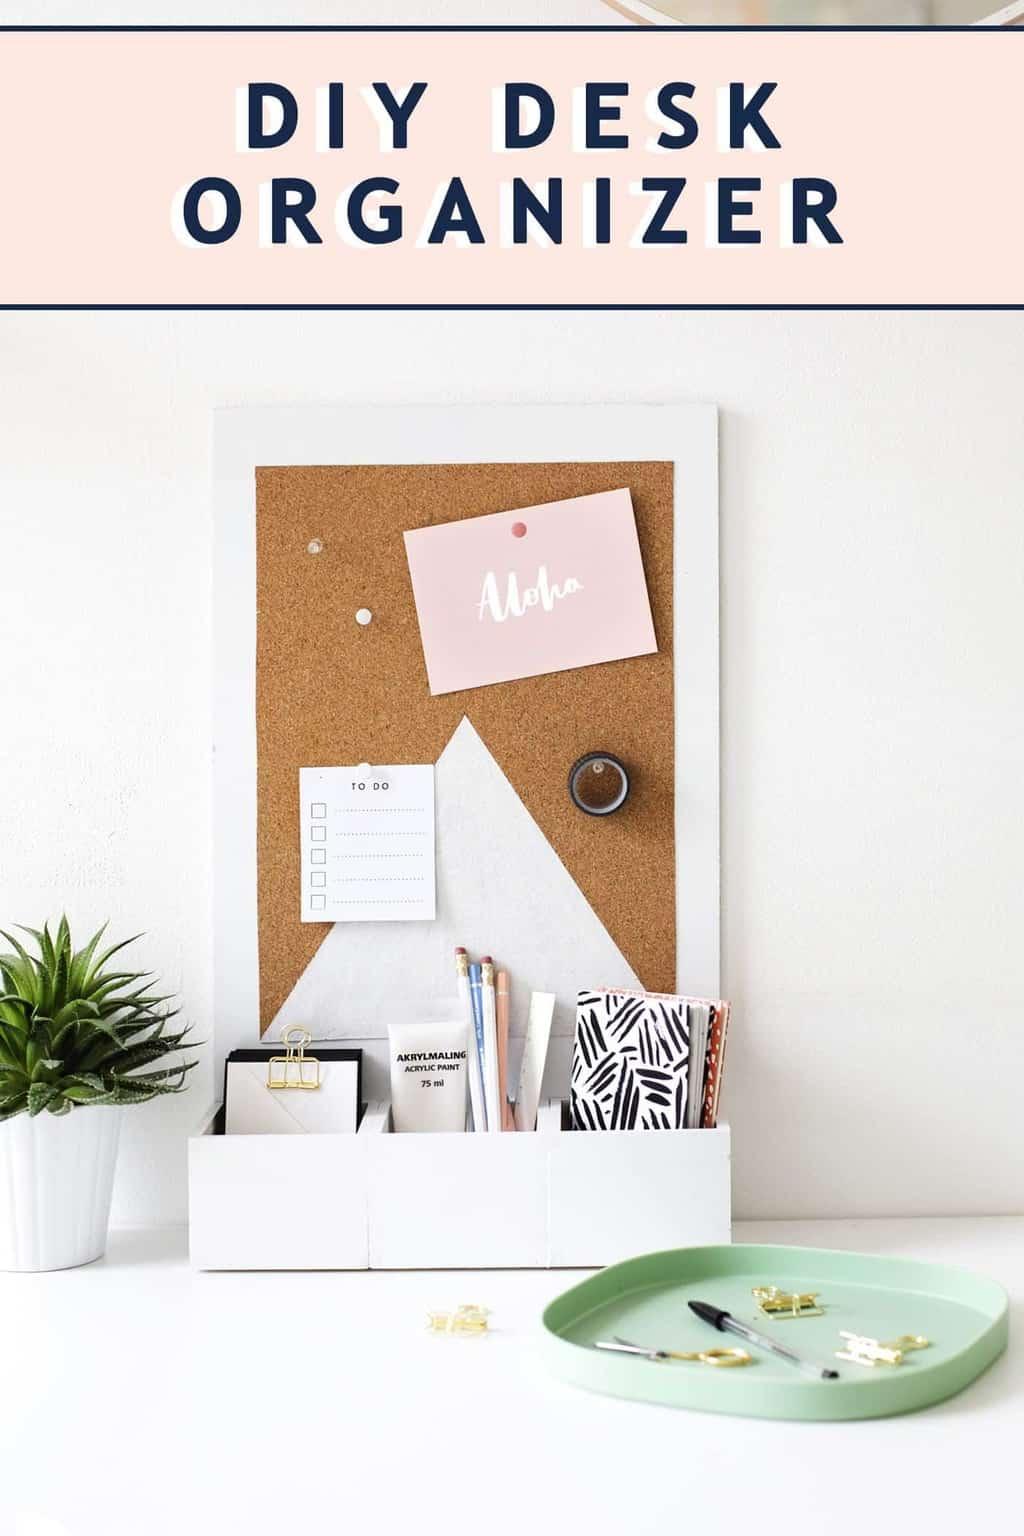 Office Organizer Idea: DIY Desk Organizer - Sugar & Cloth